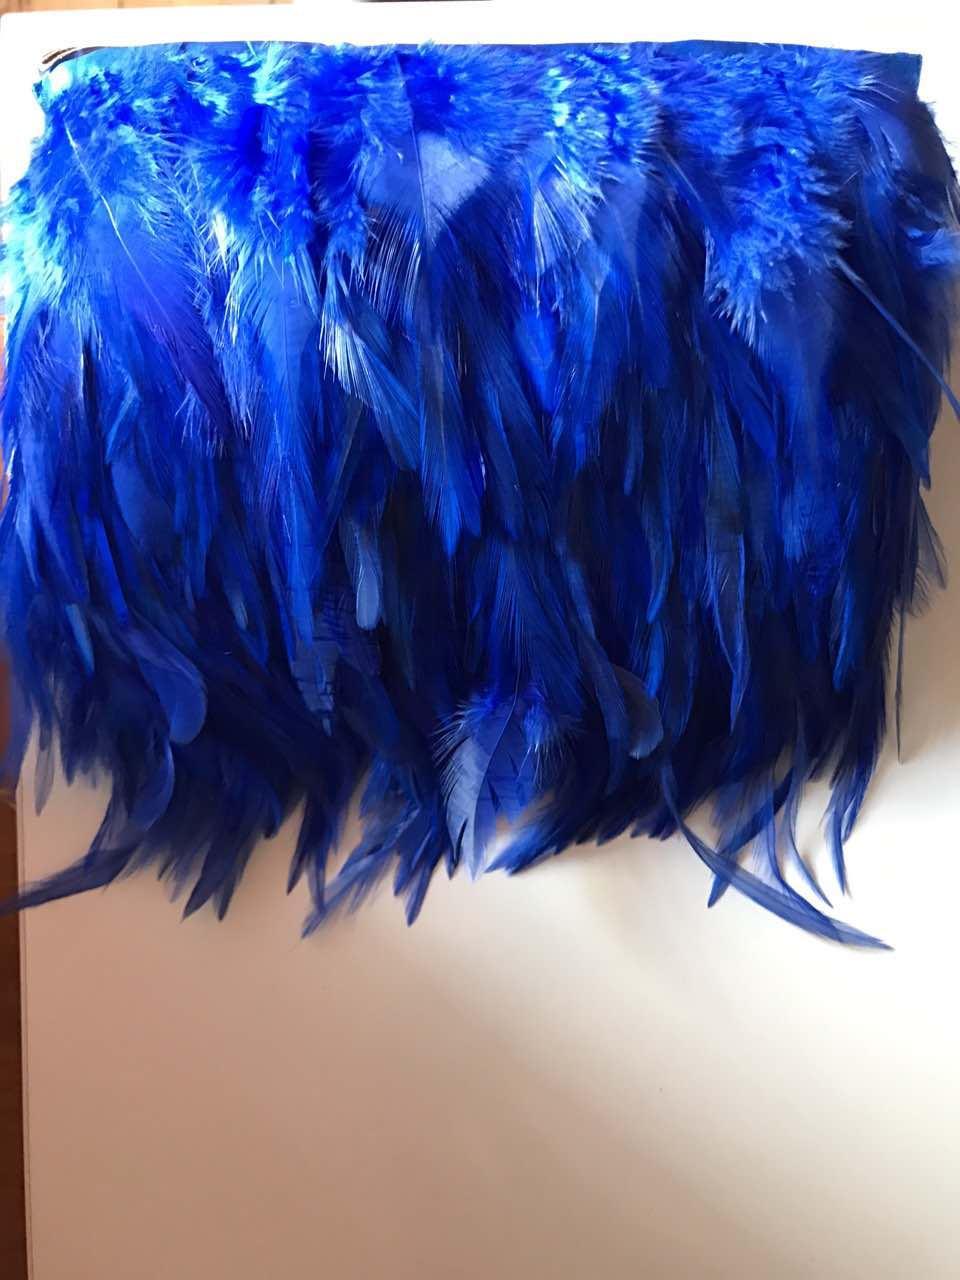 Перьевая тесьма из перьев петуха.Цвет на синий.Цена за 0,5м